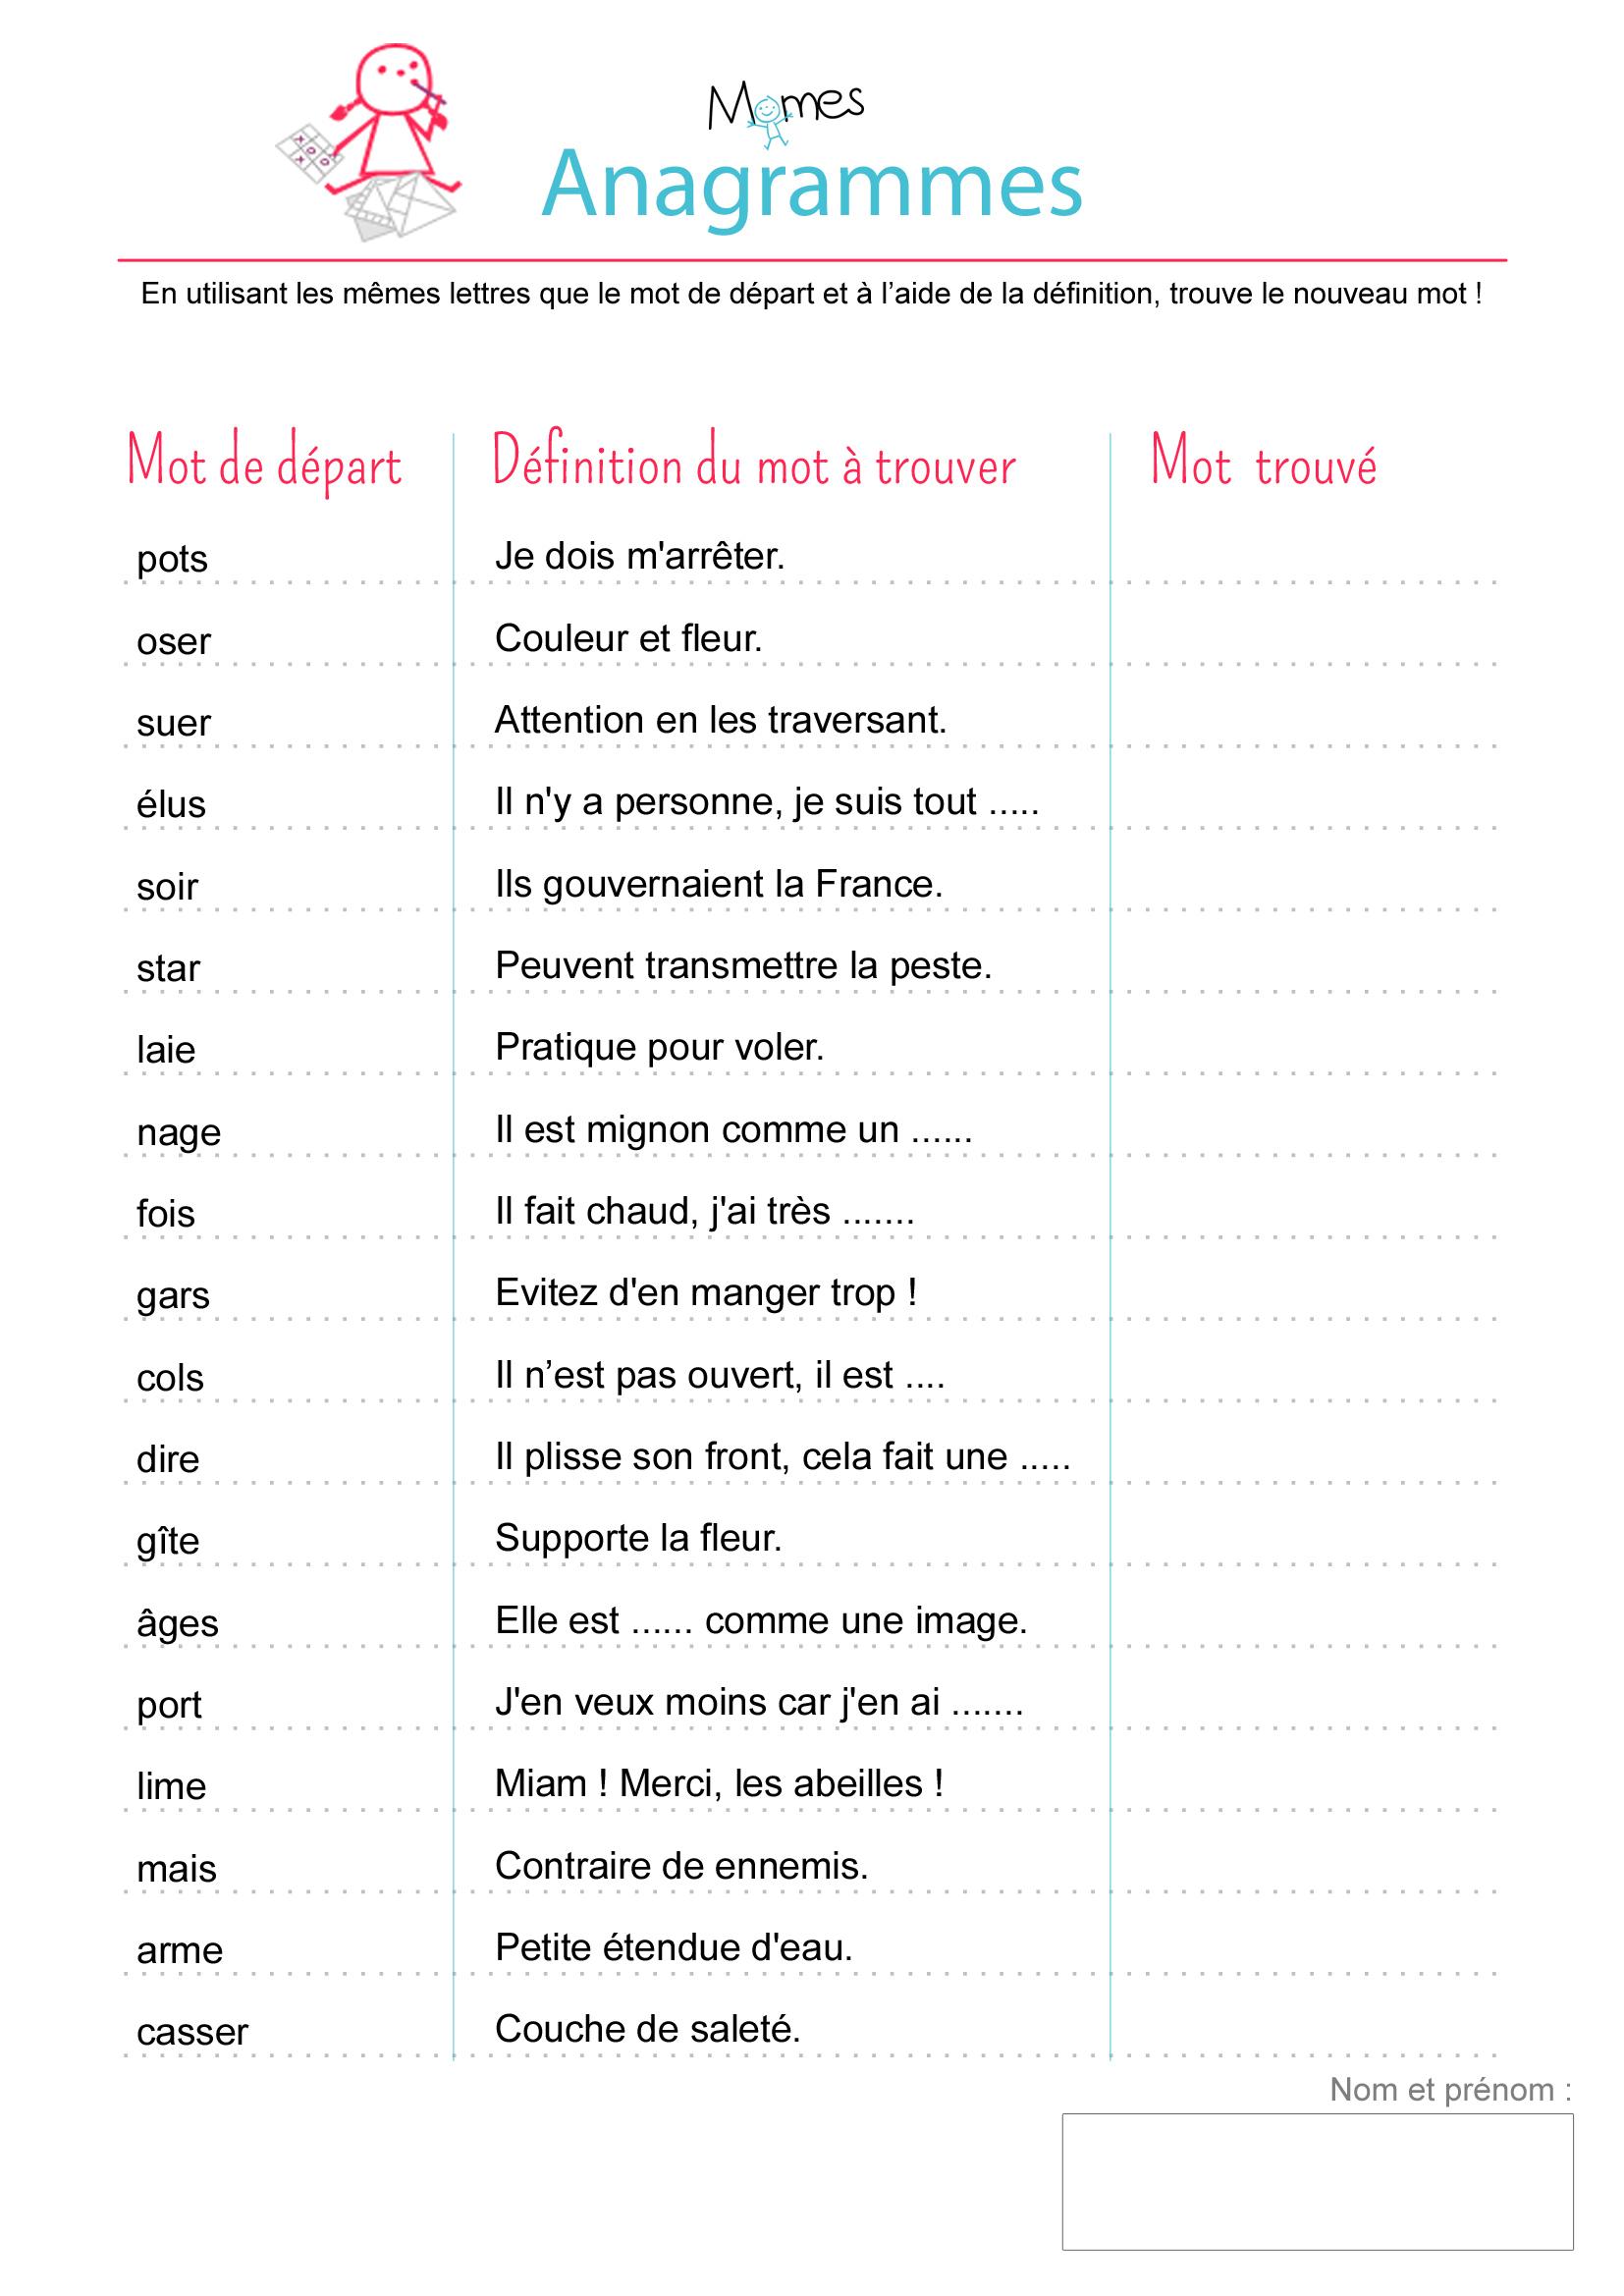 Anagrammes : Exercice - Momes à Jeux De Lettres Gratuits